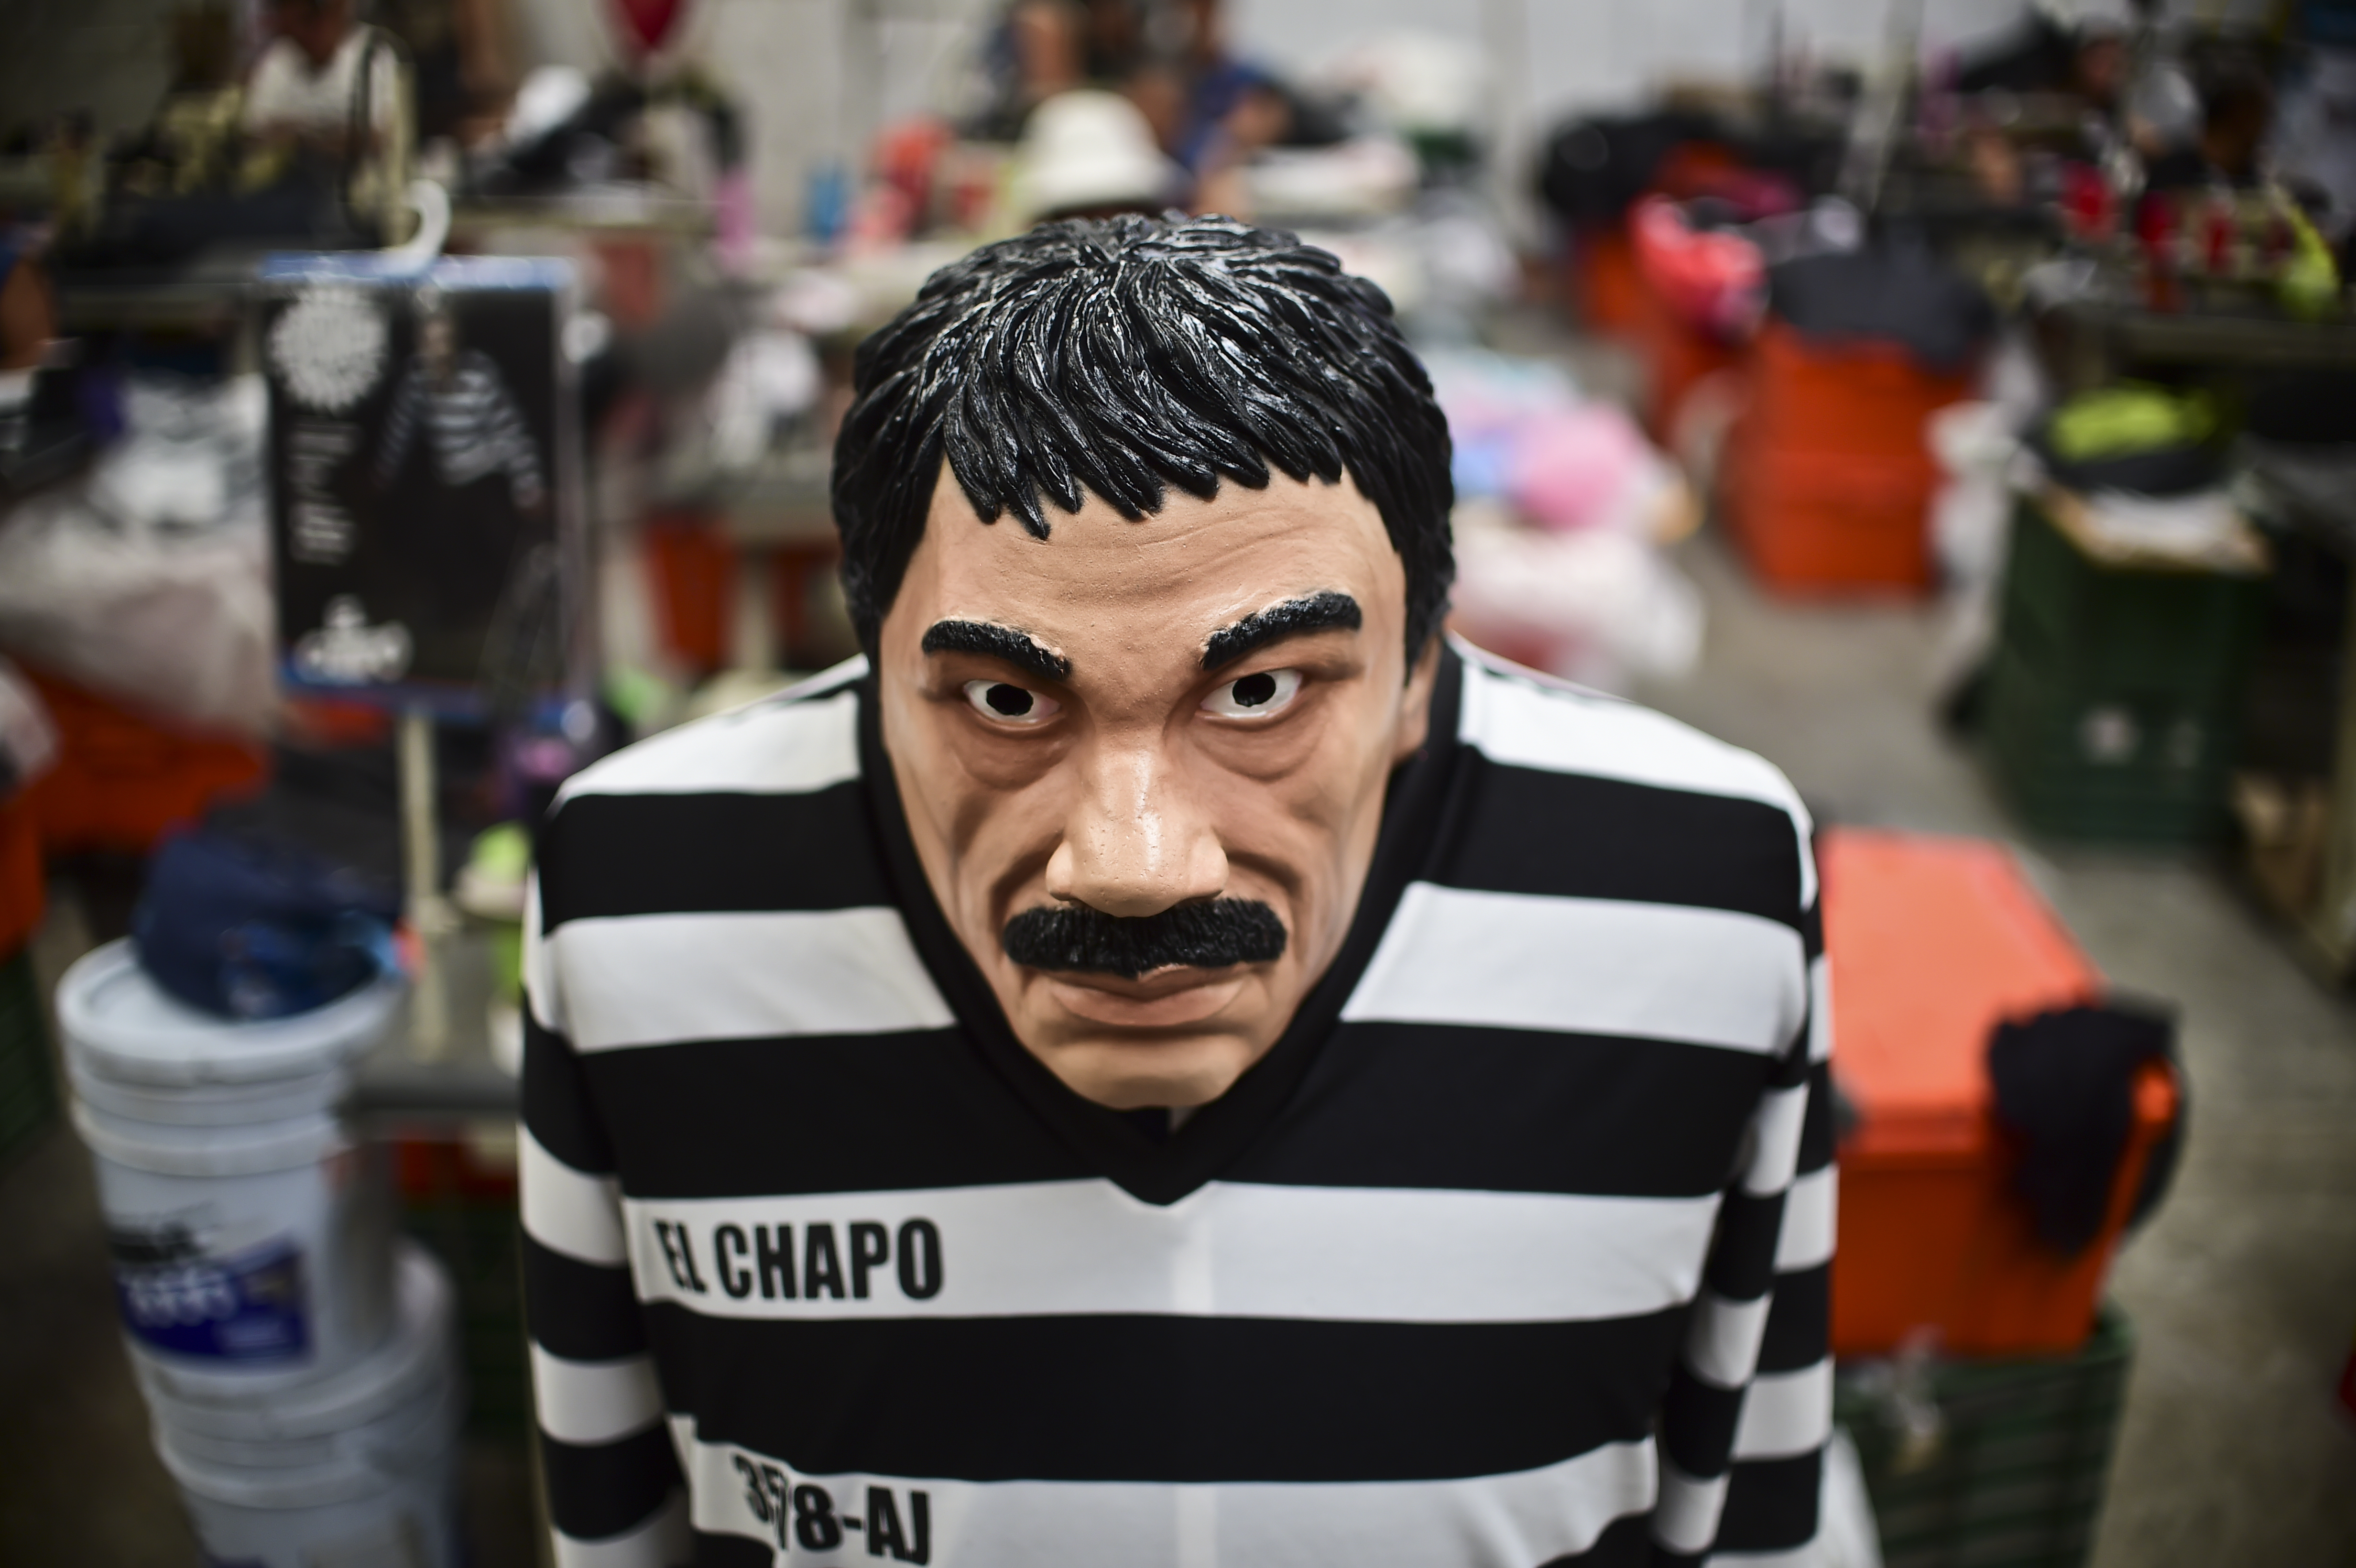 Kezet rázott El Chapo édesanyjával a mexikói elnök